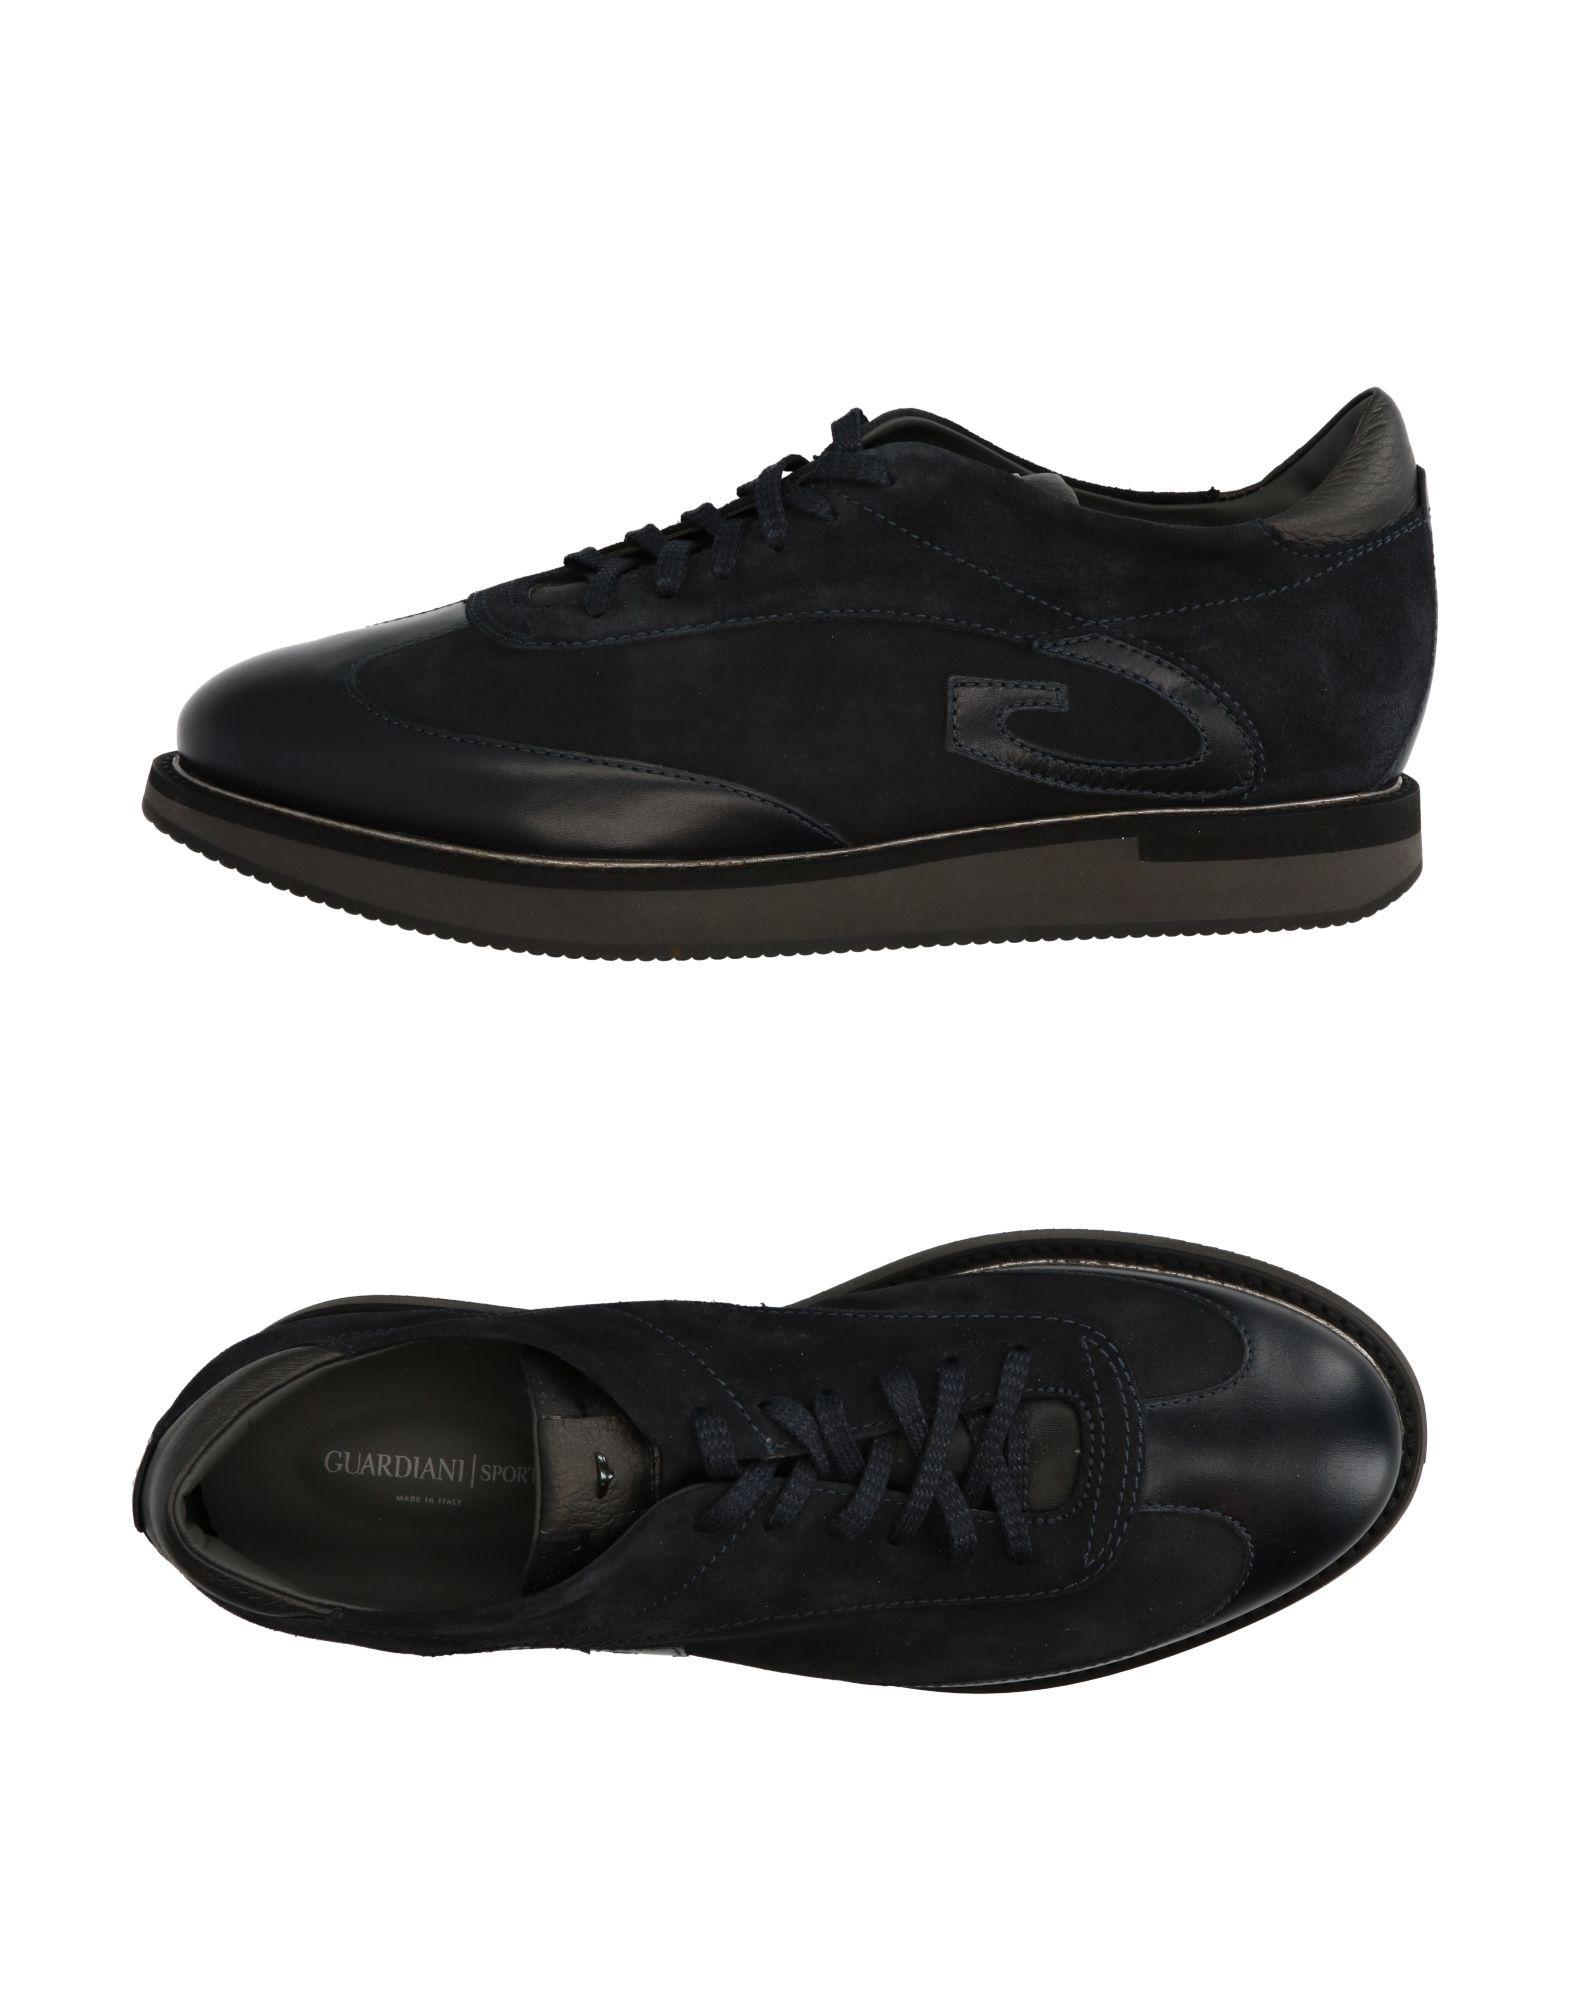 Alberto Guardiani Sneakers - Men Alberto Guardiani Australia Sneakers online on  Australia Guardiani - 11259819VQ fce697